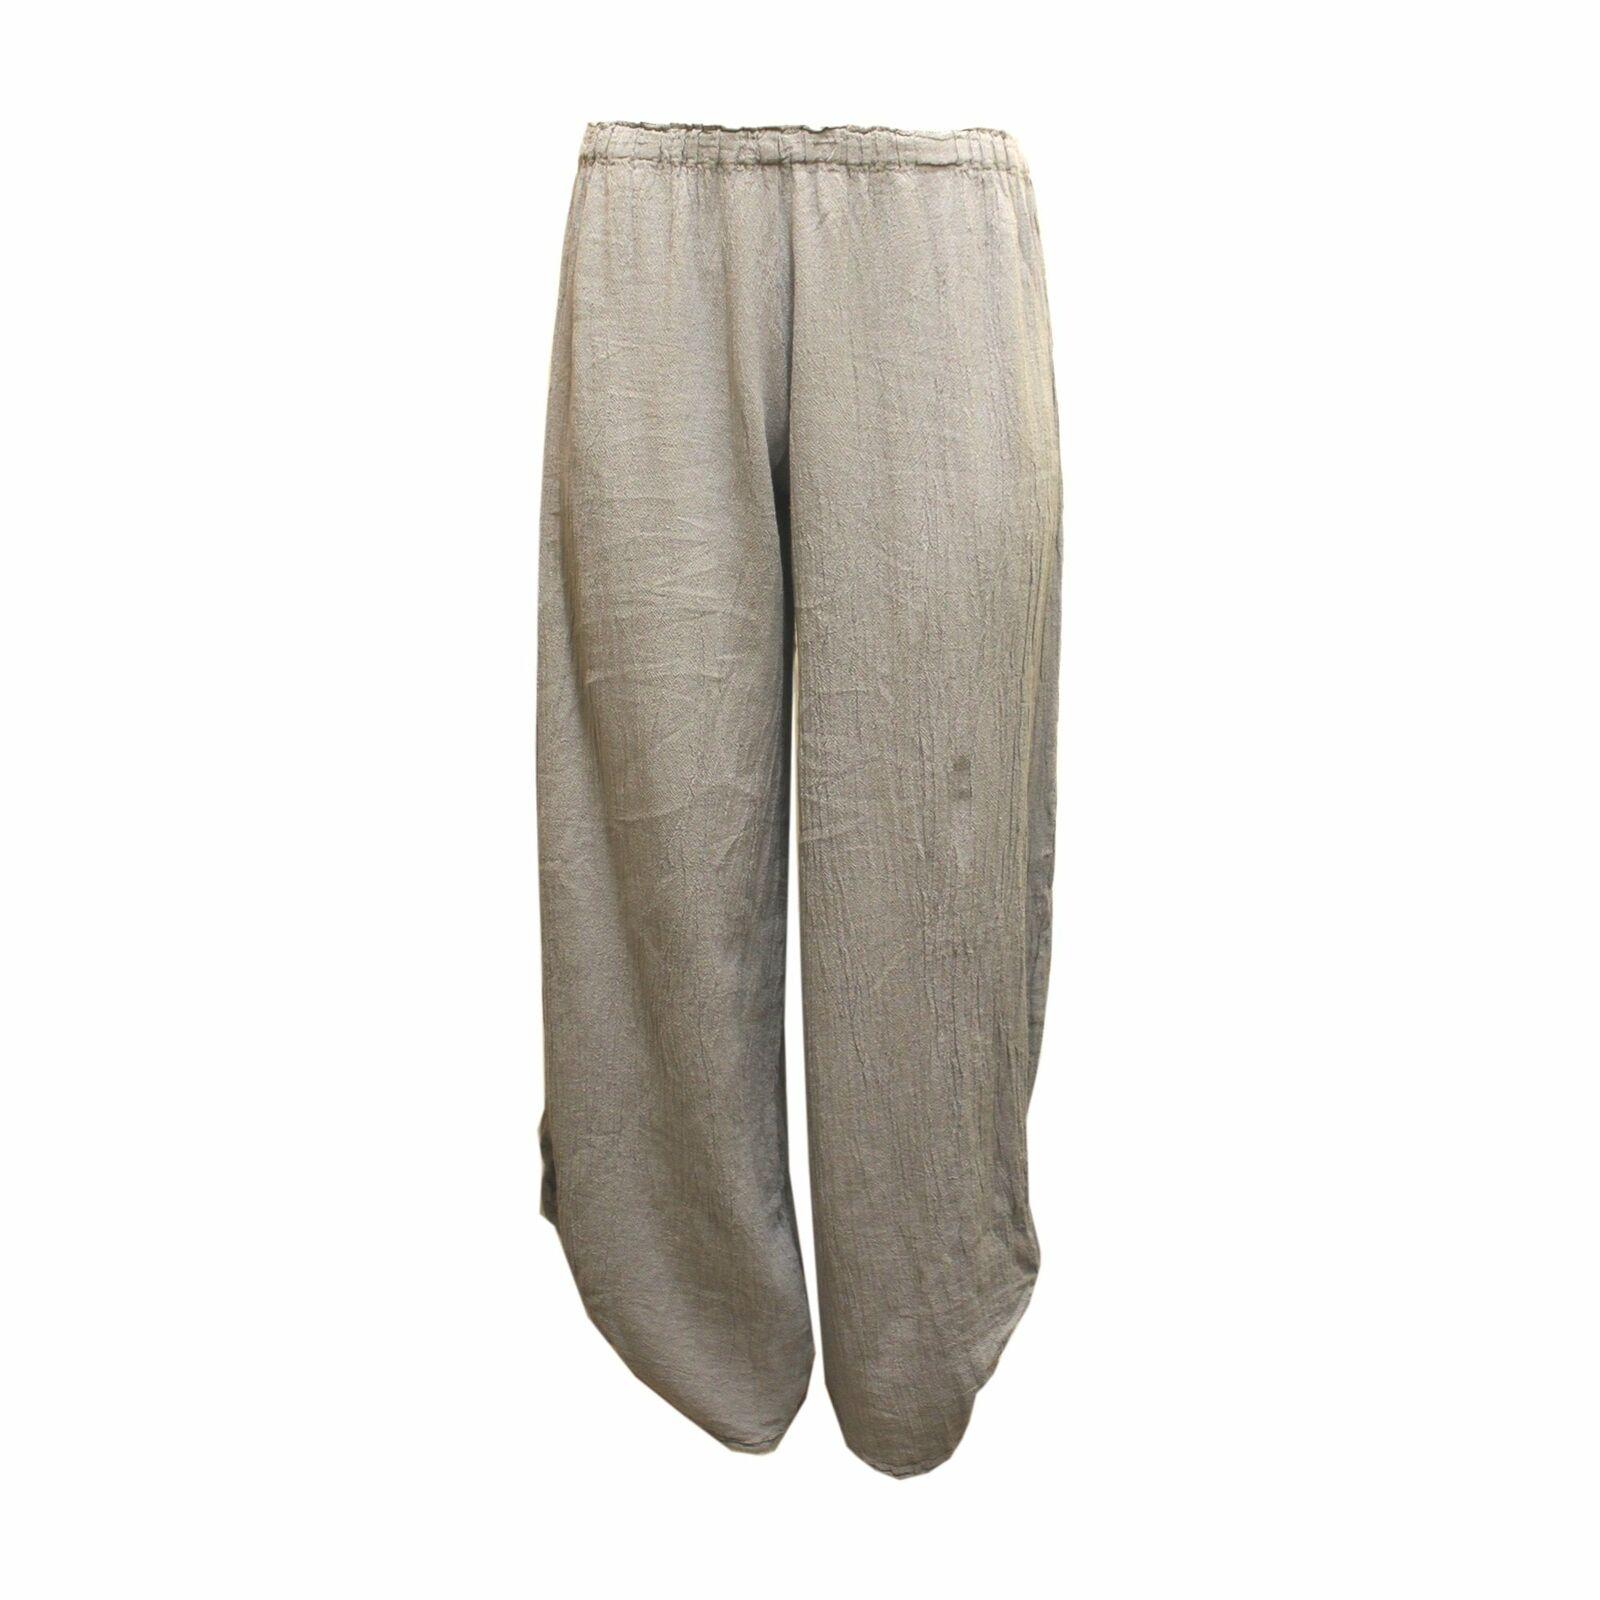 Una Vita Pantaloni P449 grigio, grigio, grigio, rosso o bianco 380988